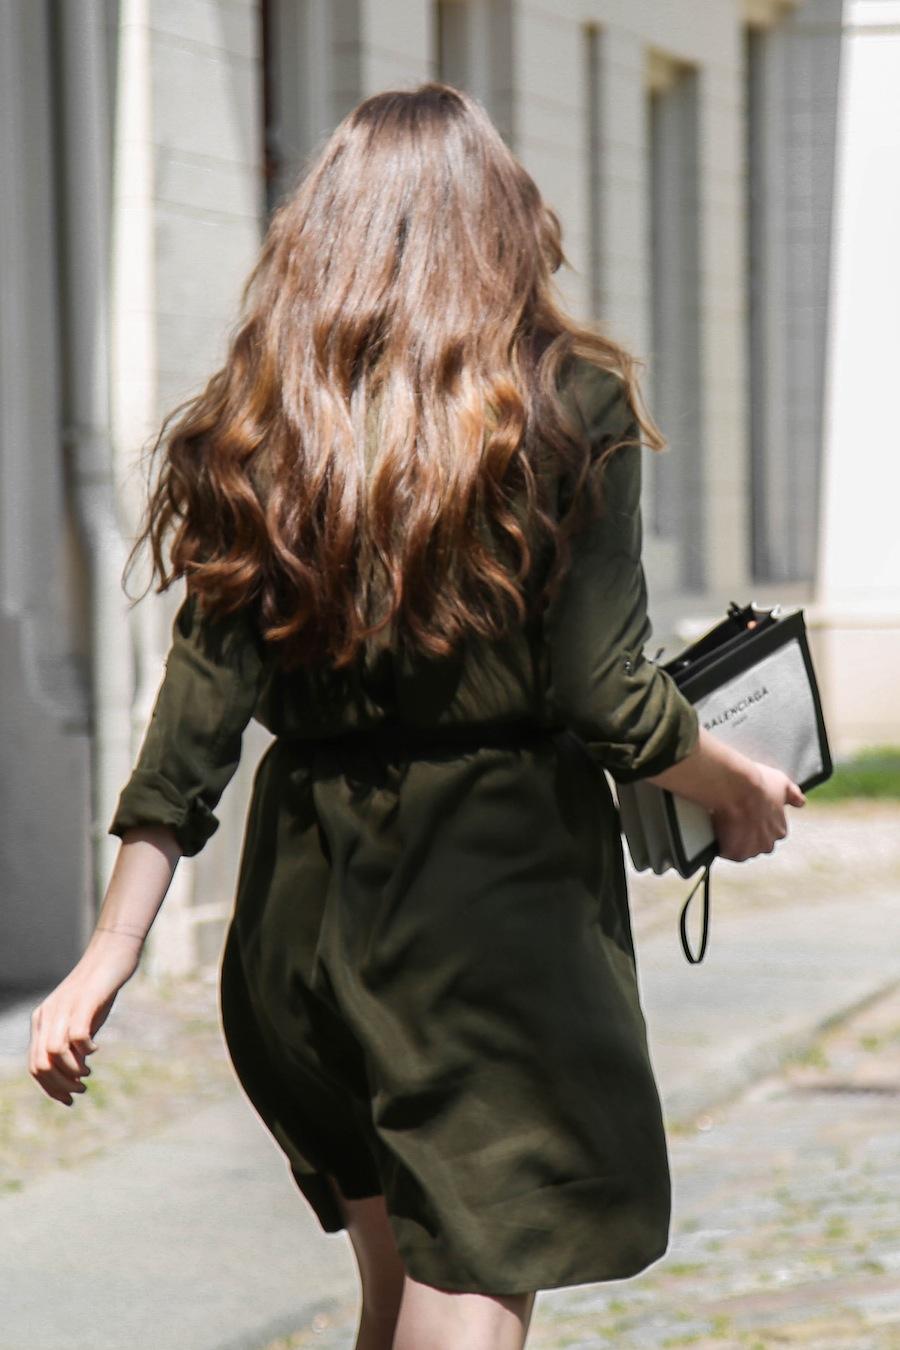 ari_traegt_khaki_dress_balenciaga_canvas_bag